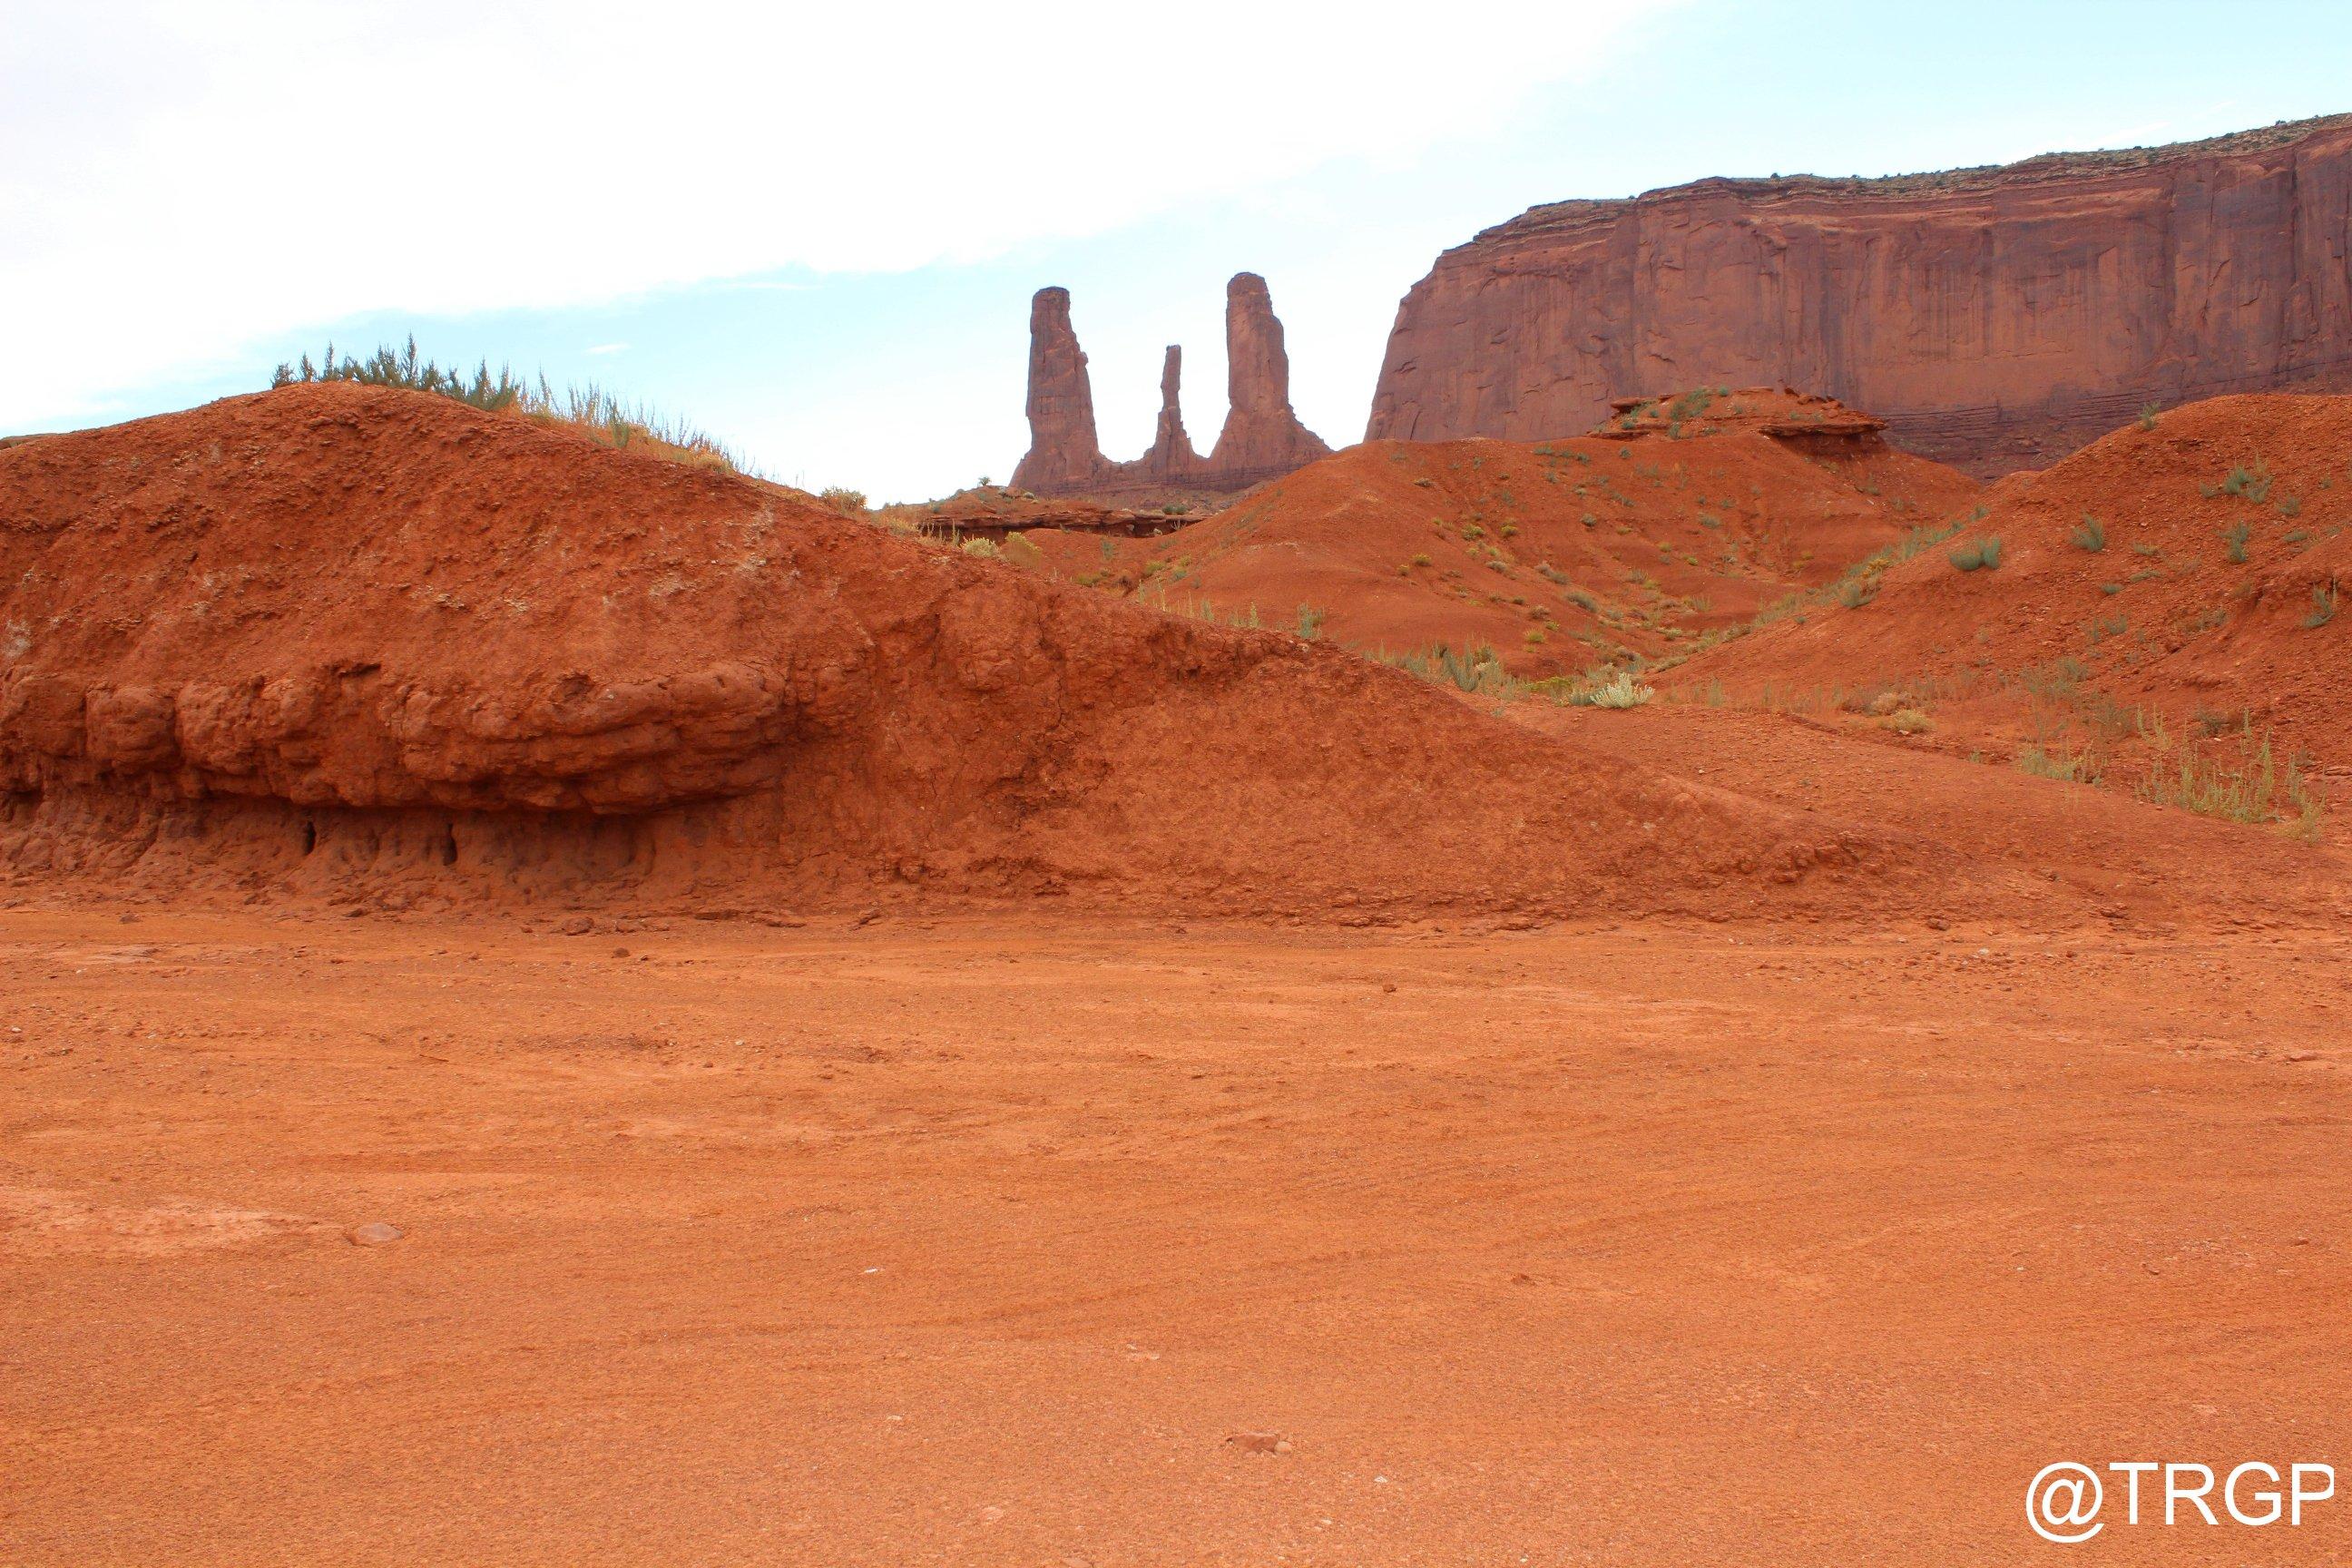 Oljato Monument Valley